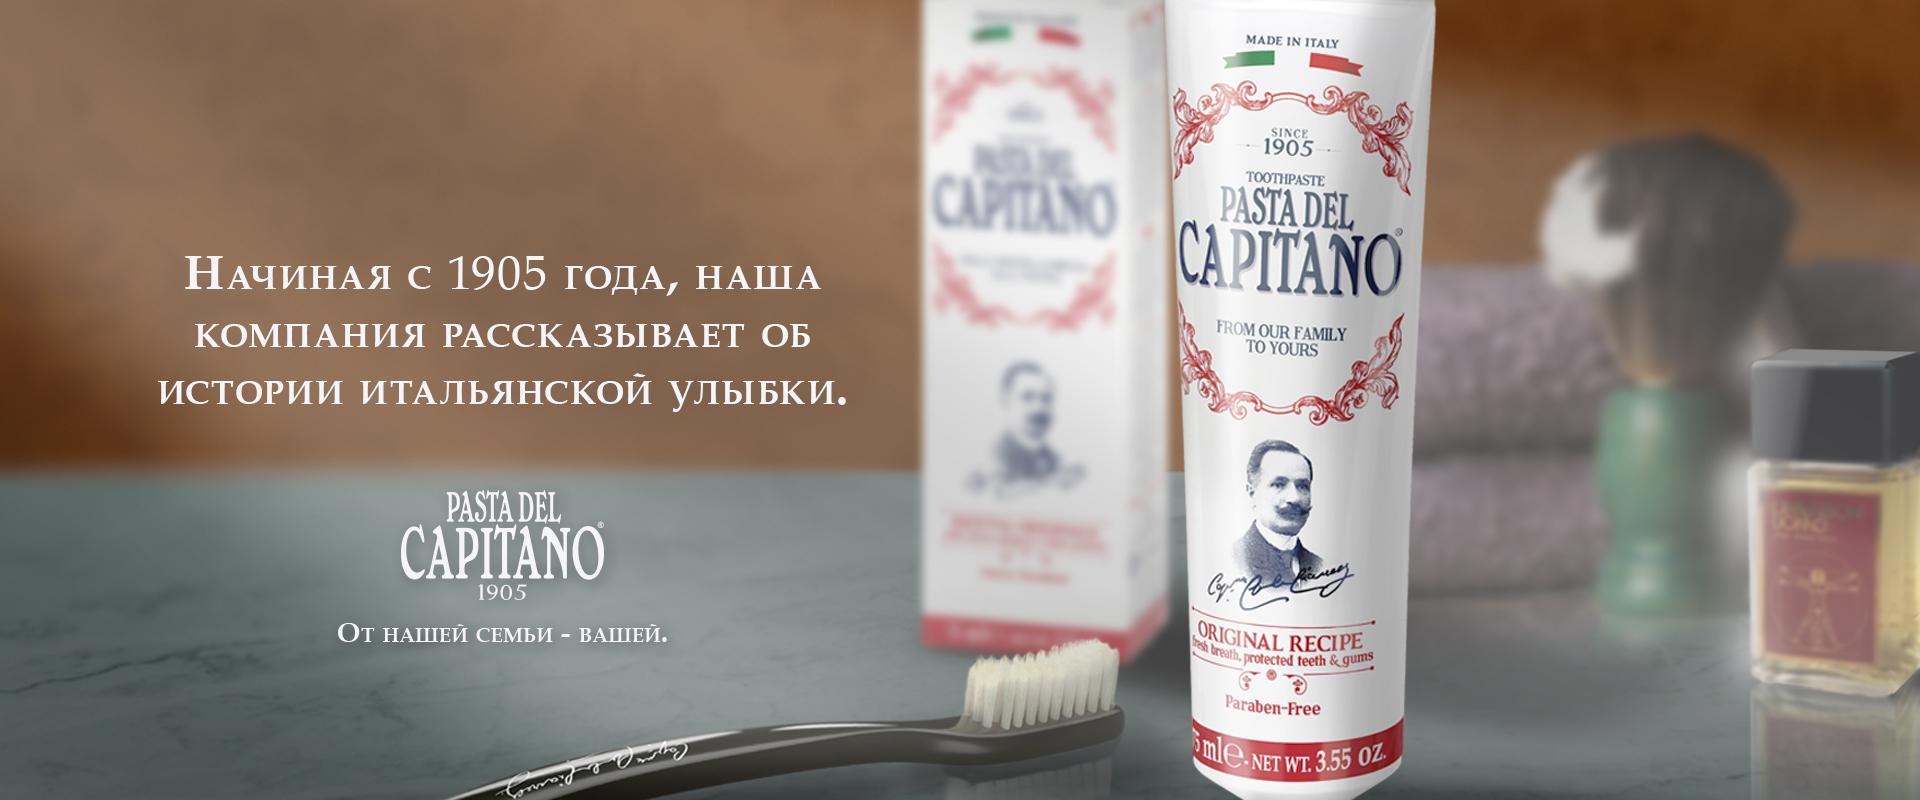 Capitano 1905